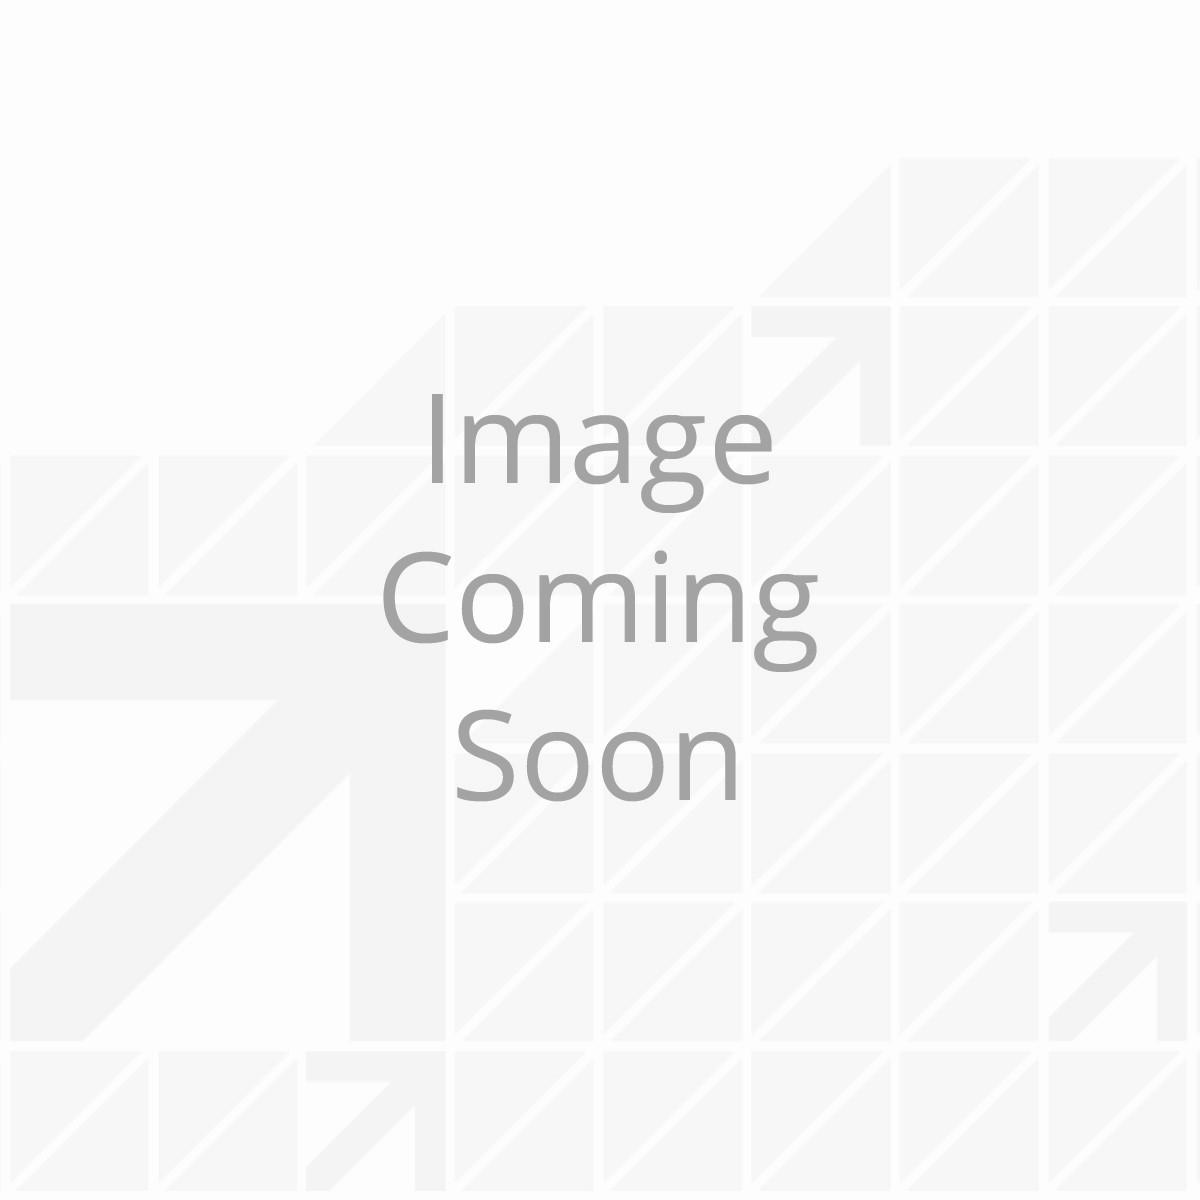 """Taylor Made Manual Bimini Kit - 8' x 8' x 1.25"""" (Beige)"""